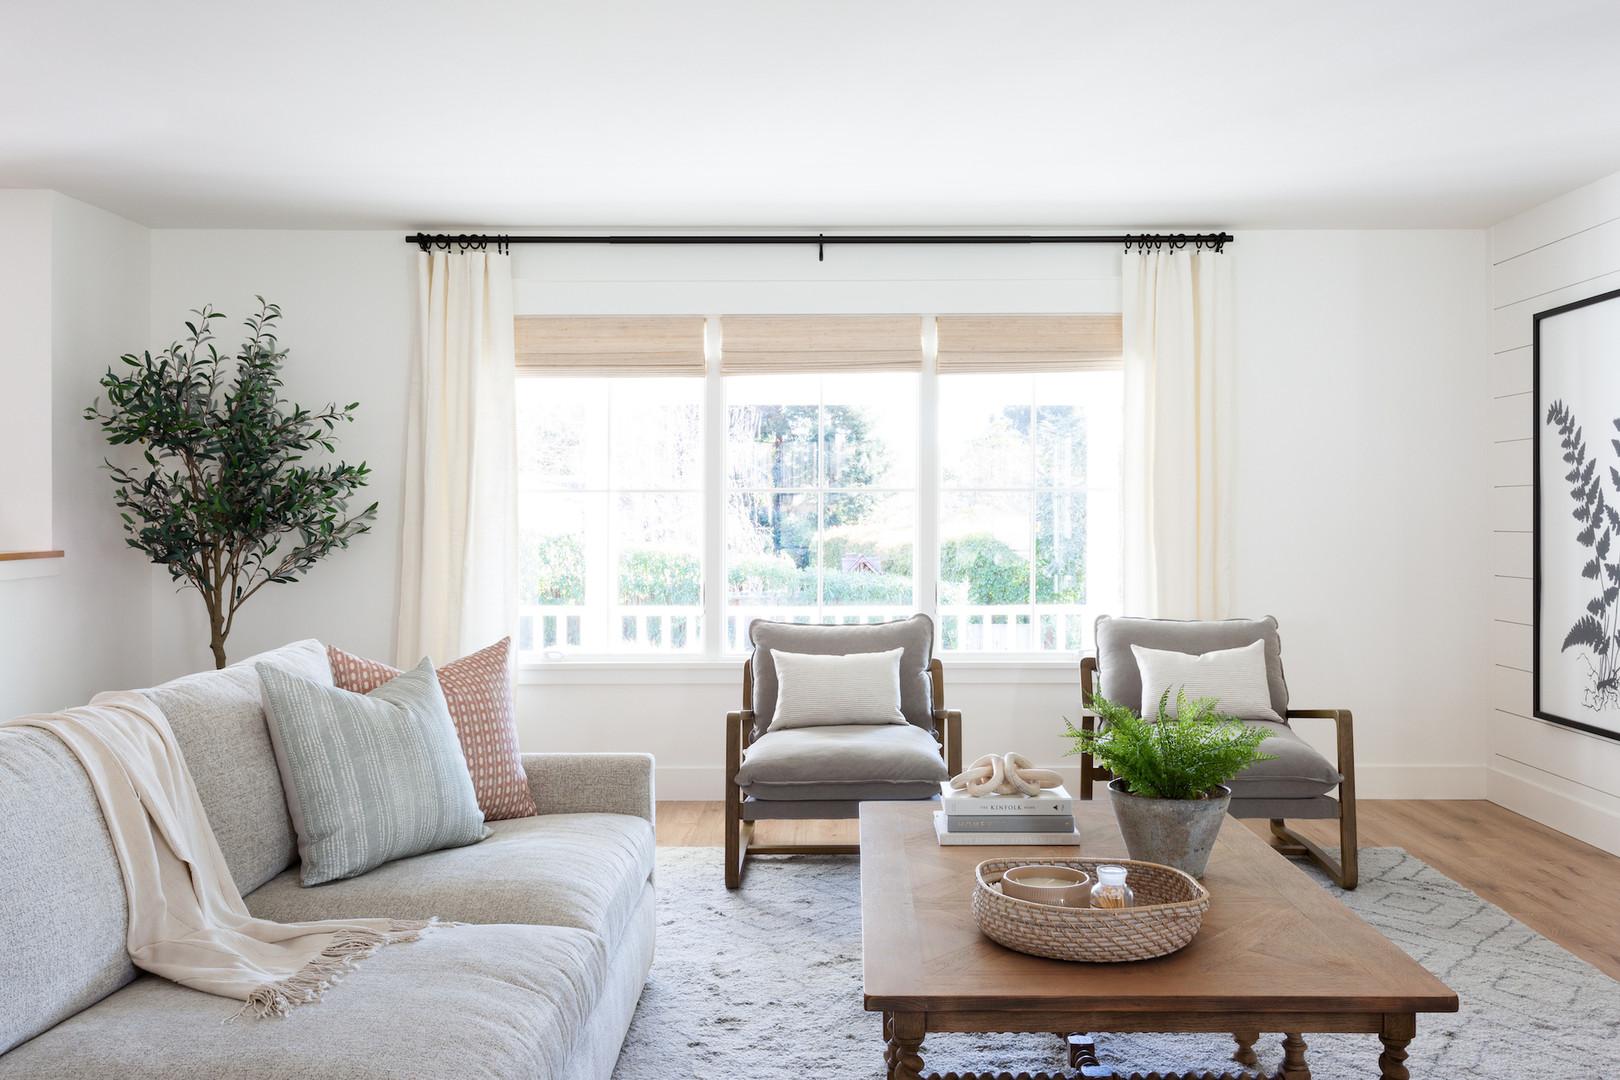 Eye For Pretty - Interior Design in California Bay Area